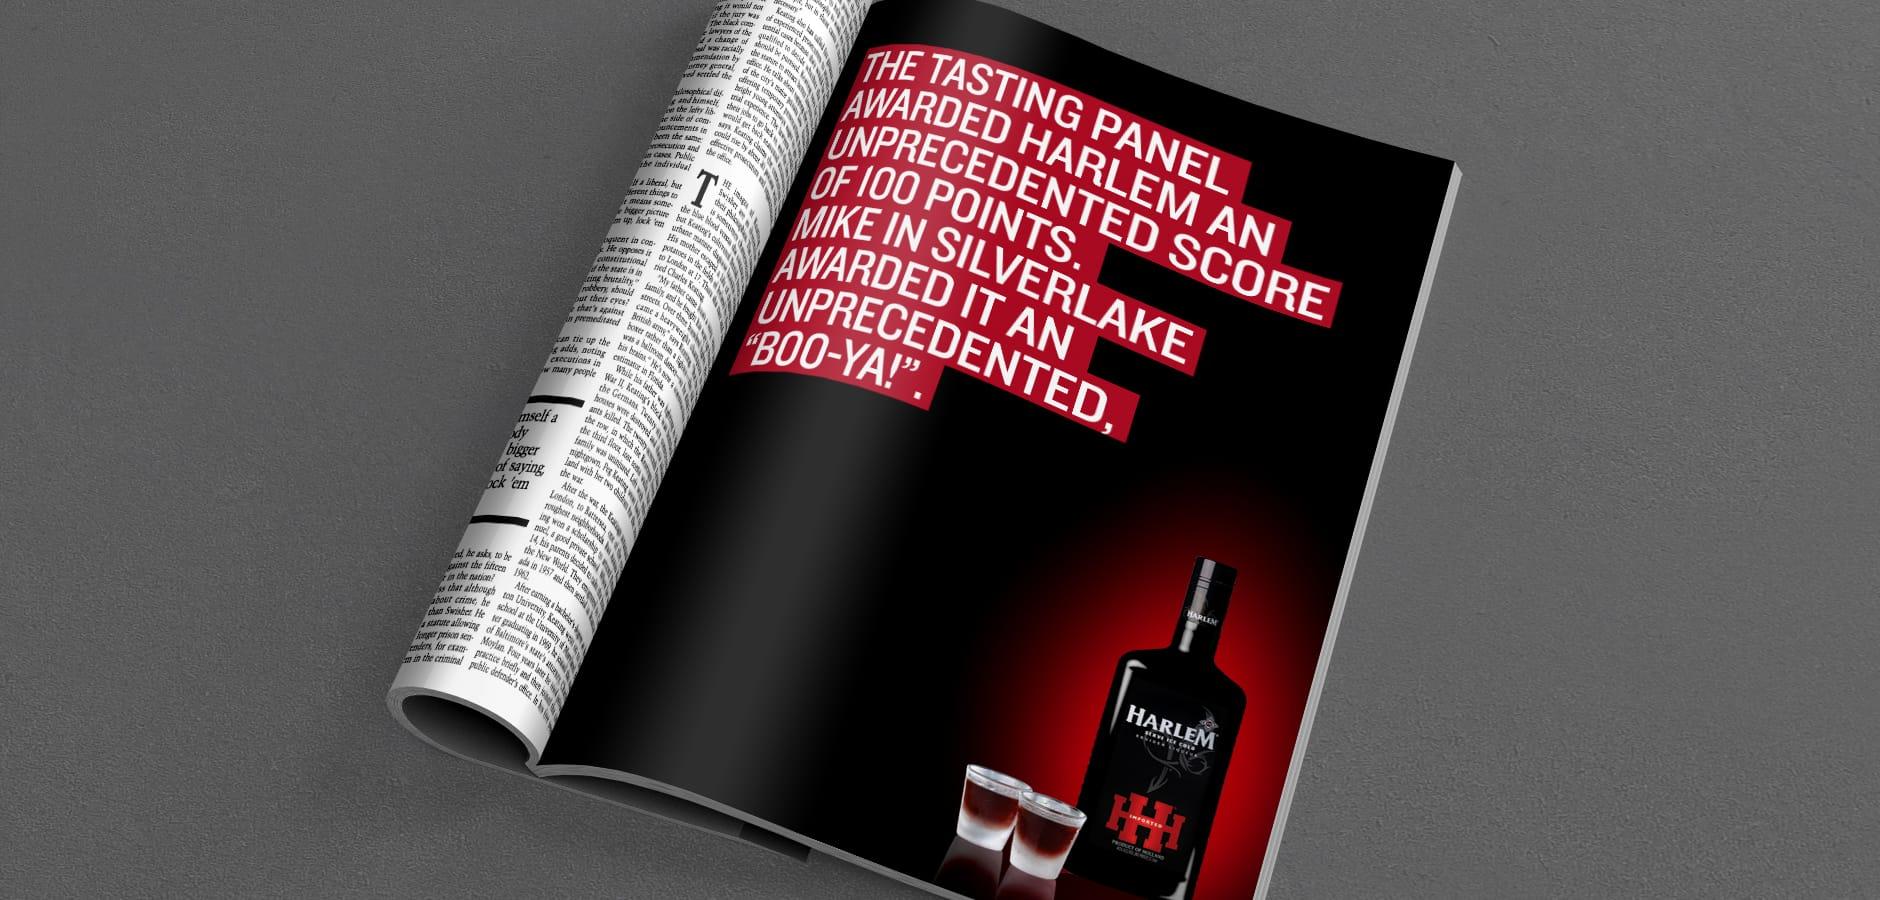 harlem liquer accolades print ad